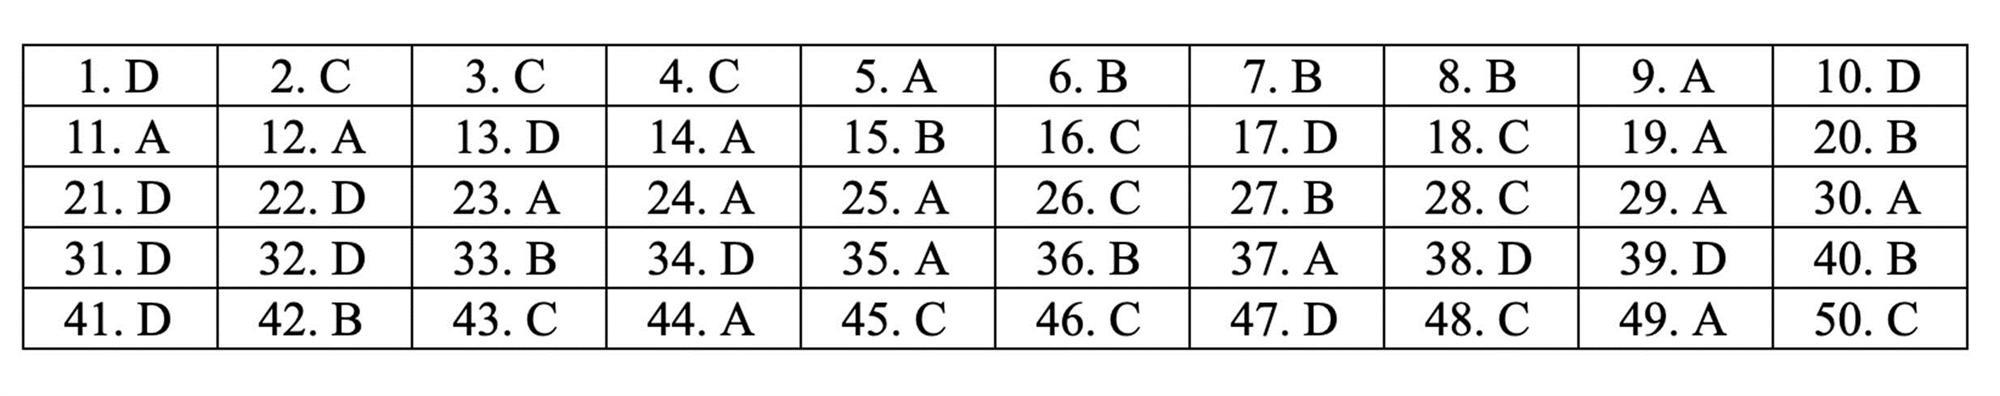 Đáp án tham khảo môn Toán thi THPT quốc gia 2019 tất cả mã đề-9